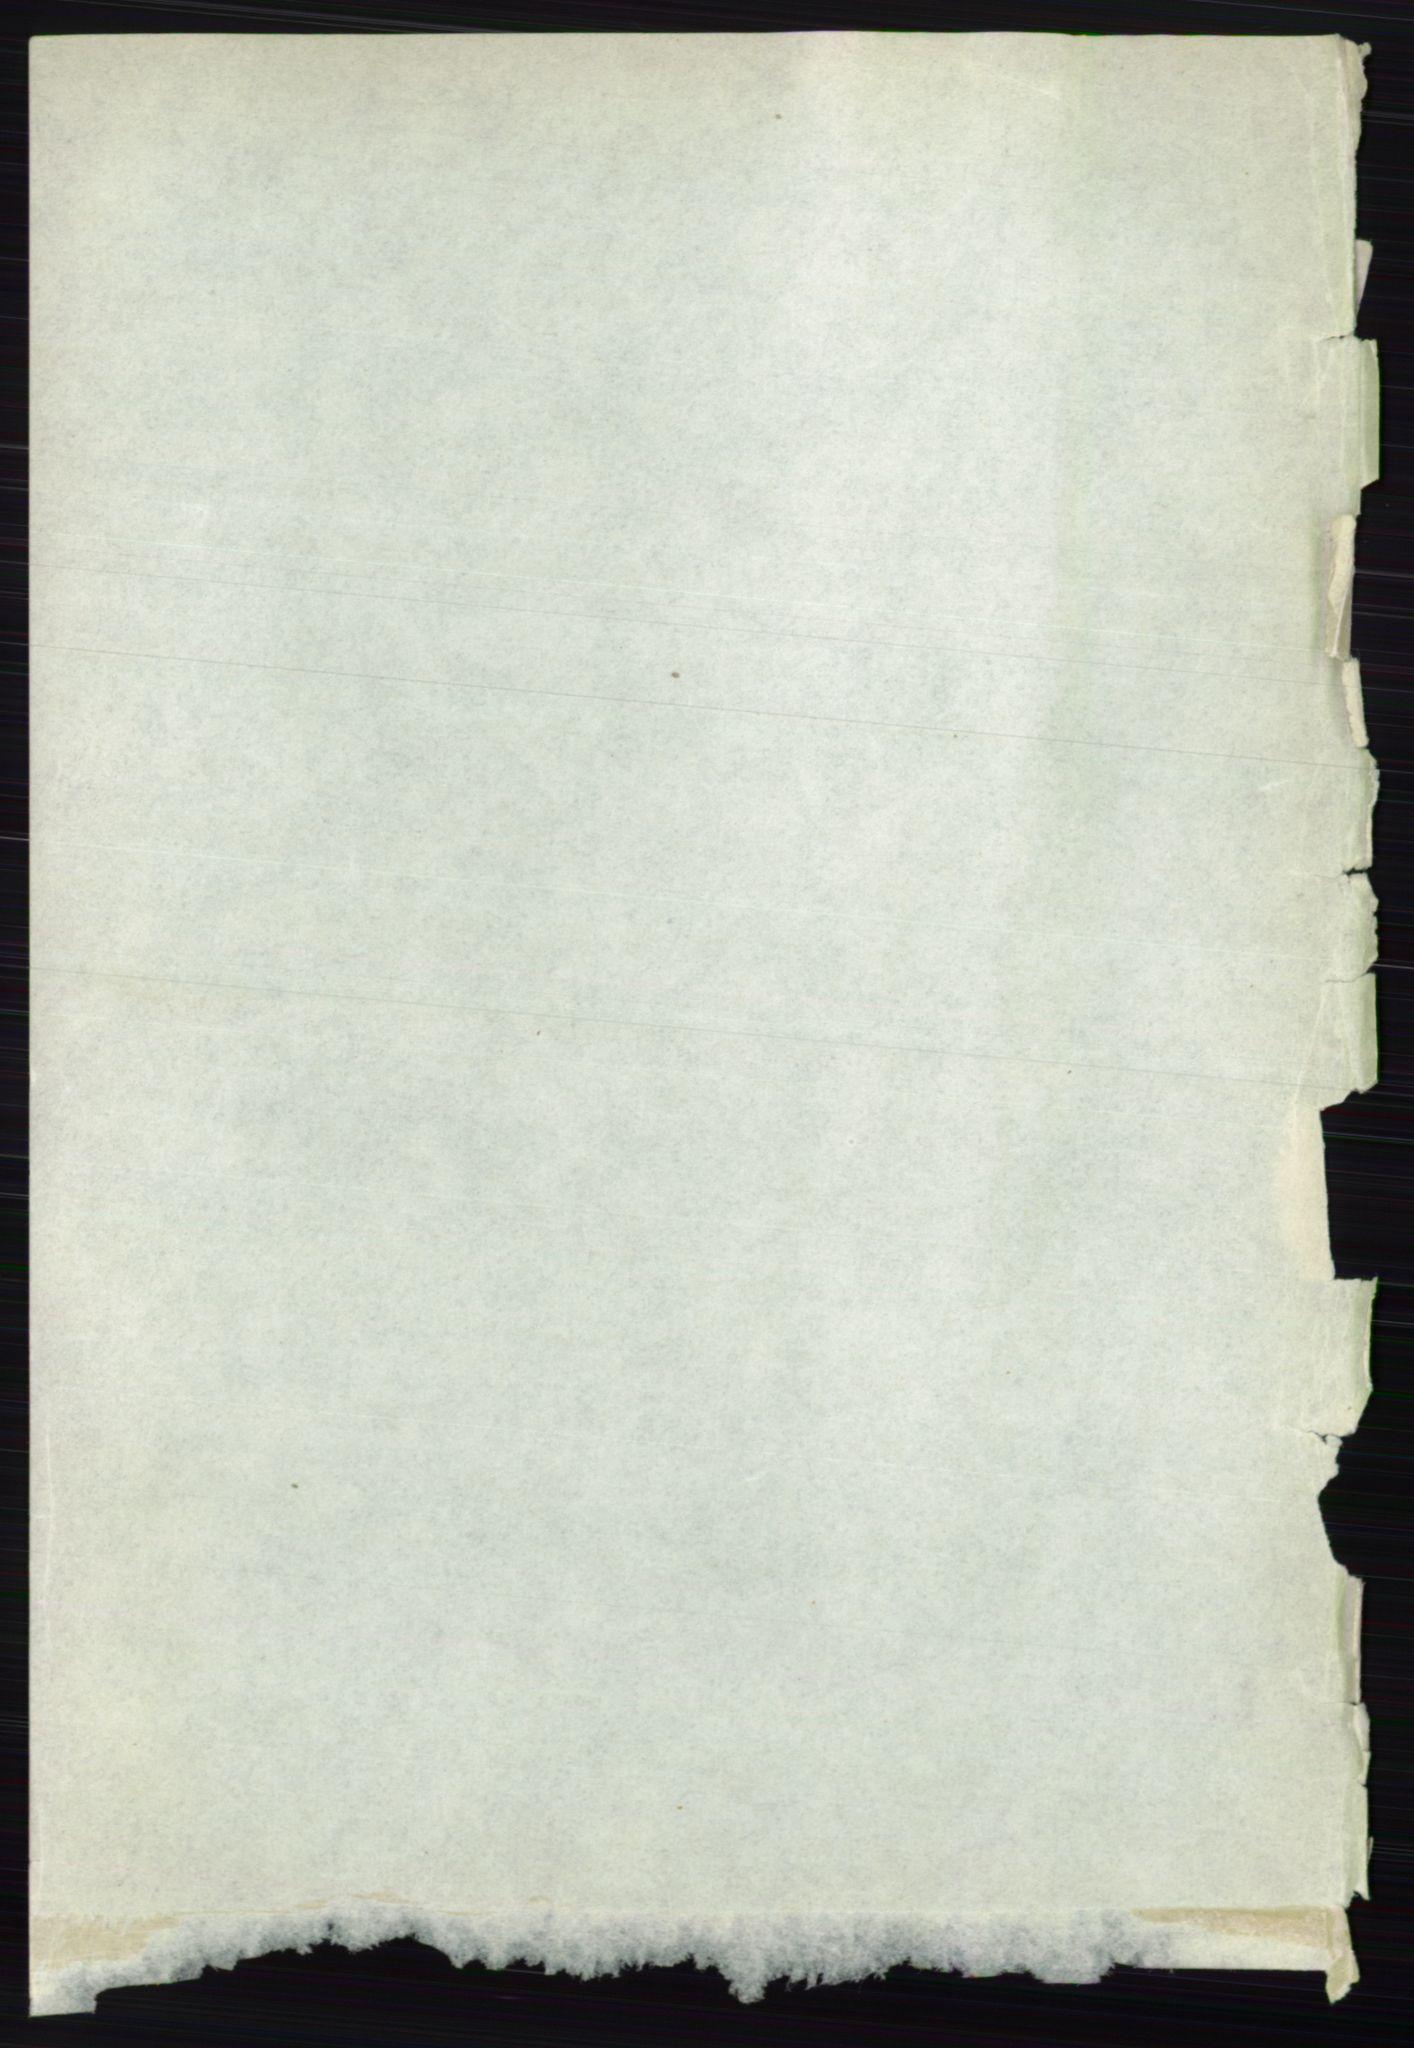 RA, Folketelling 1891 for 0231 Skedsmo herred, 1891, s. 3810